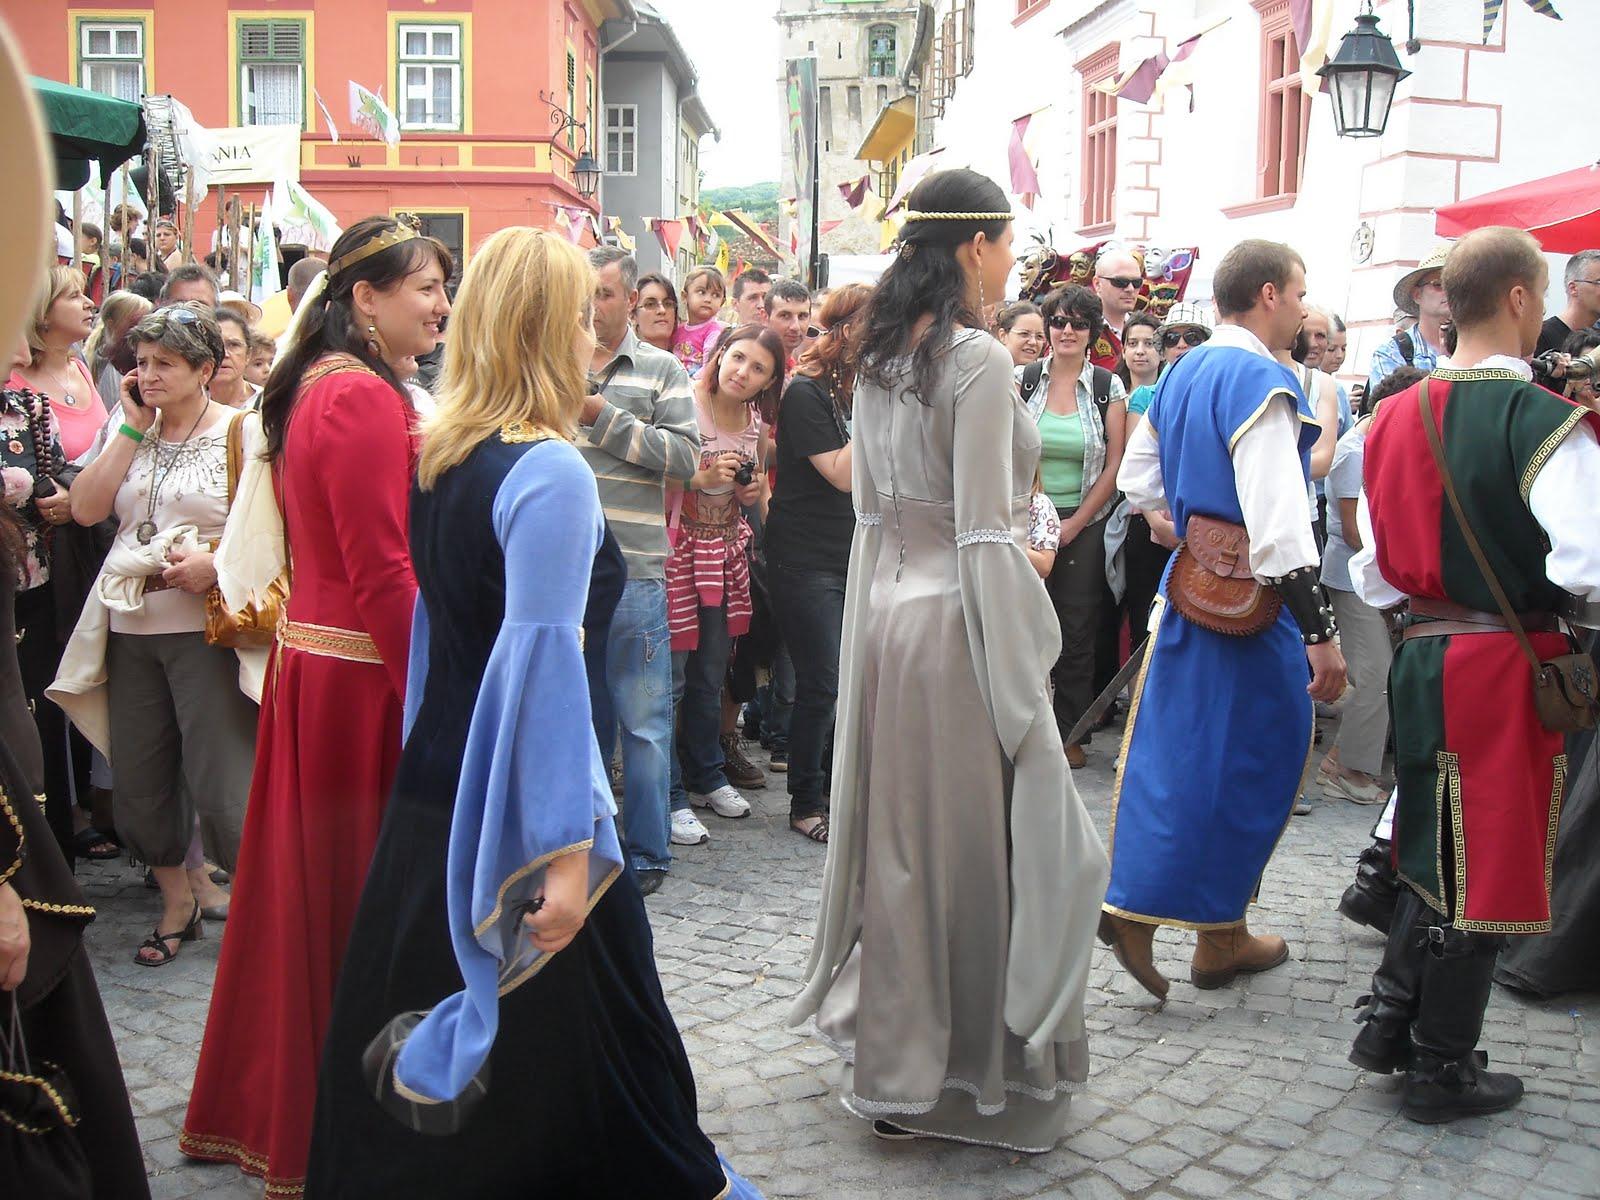 Începe Festivalul Medieval de la Sighişoara!